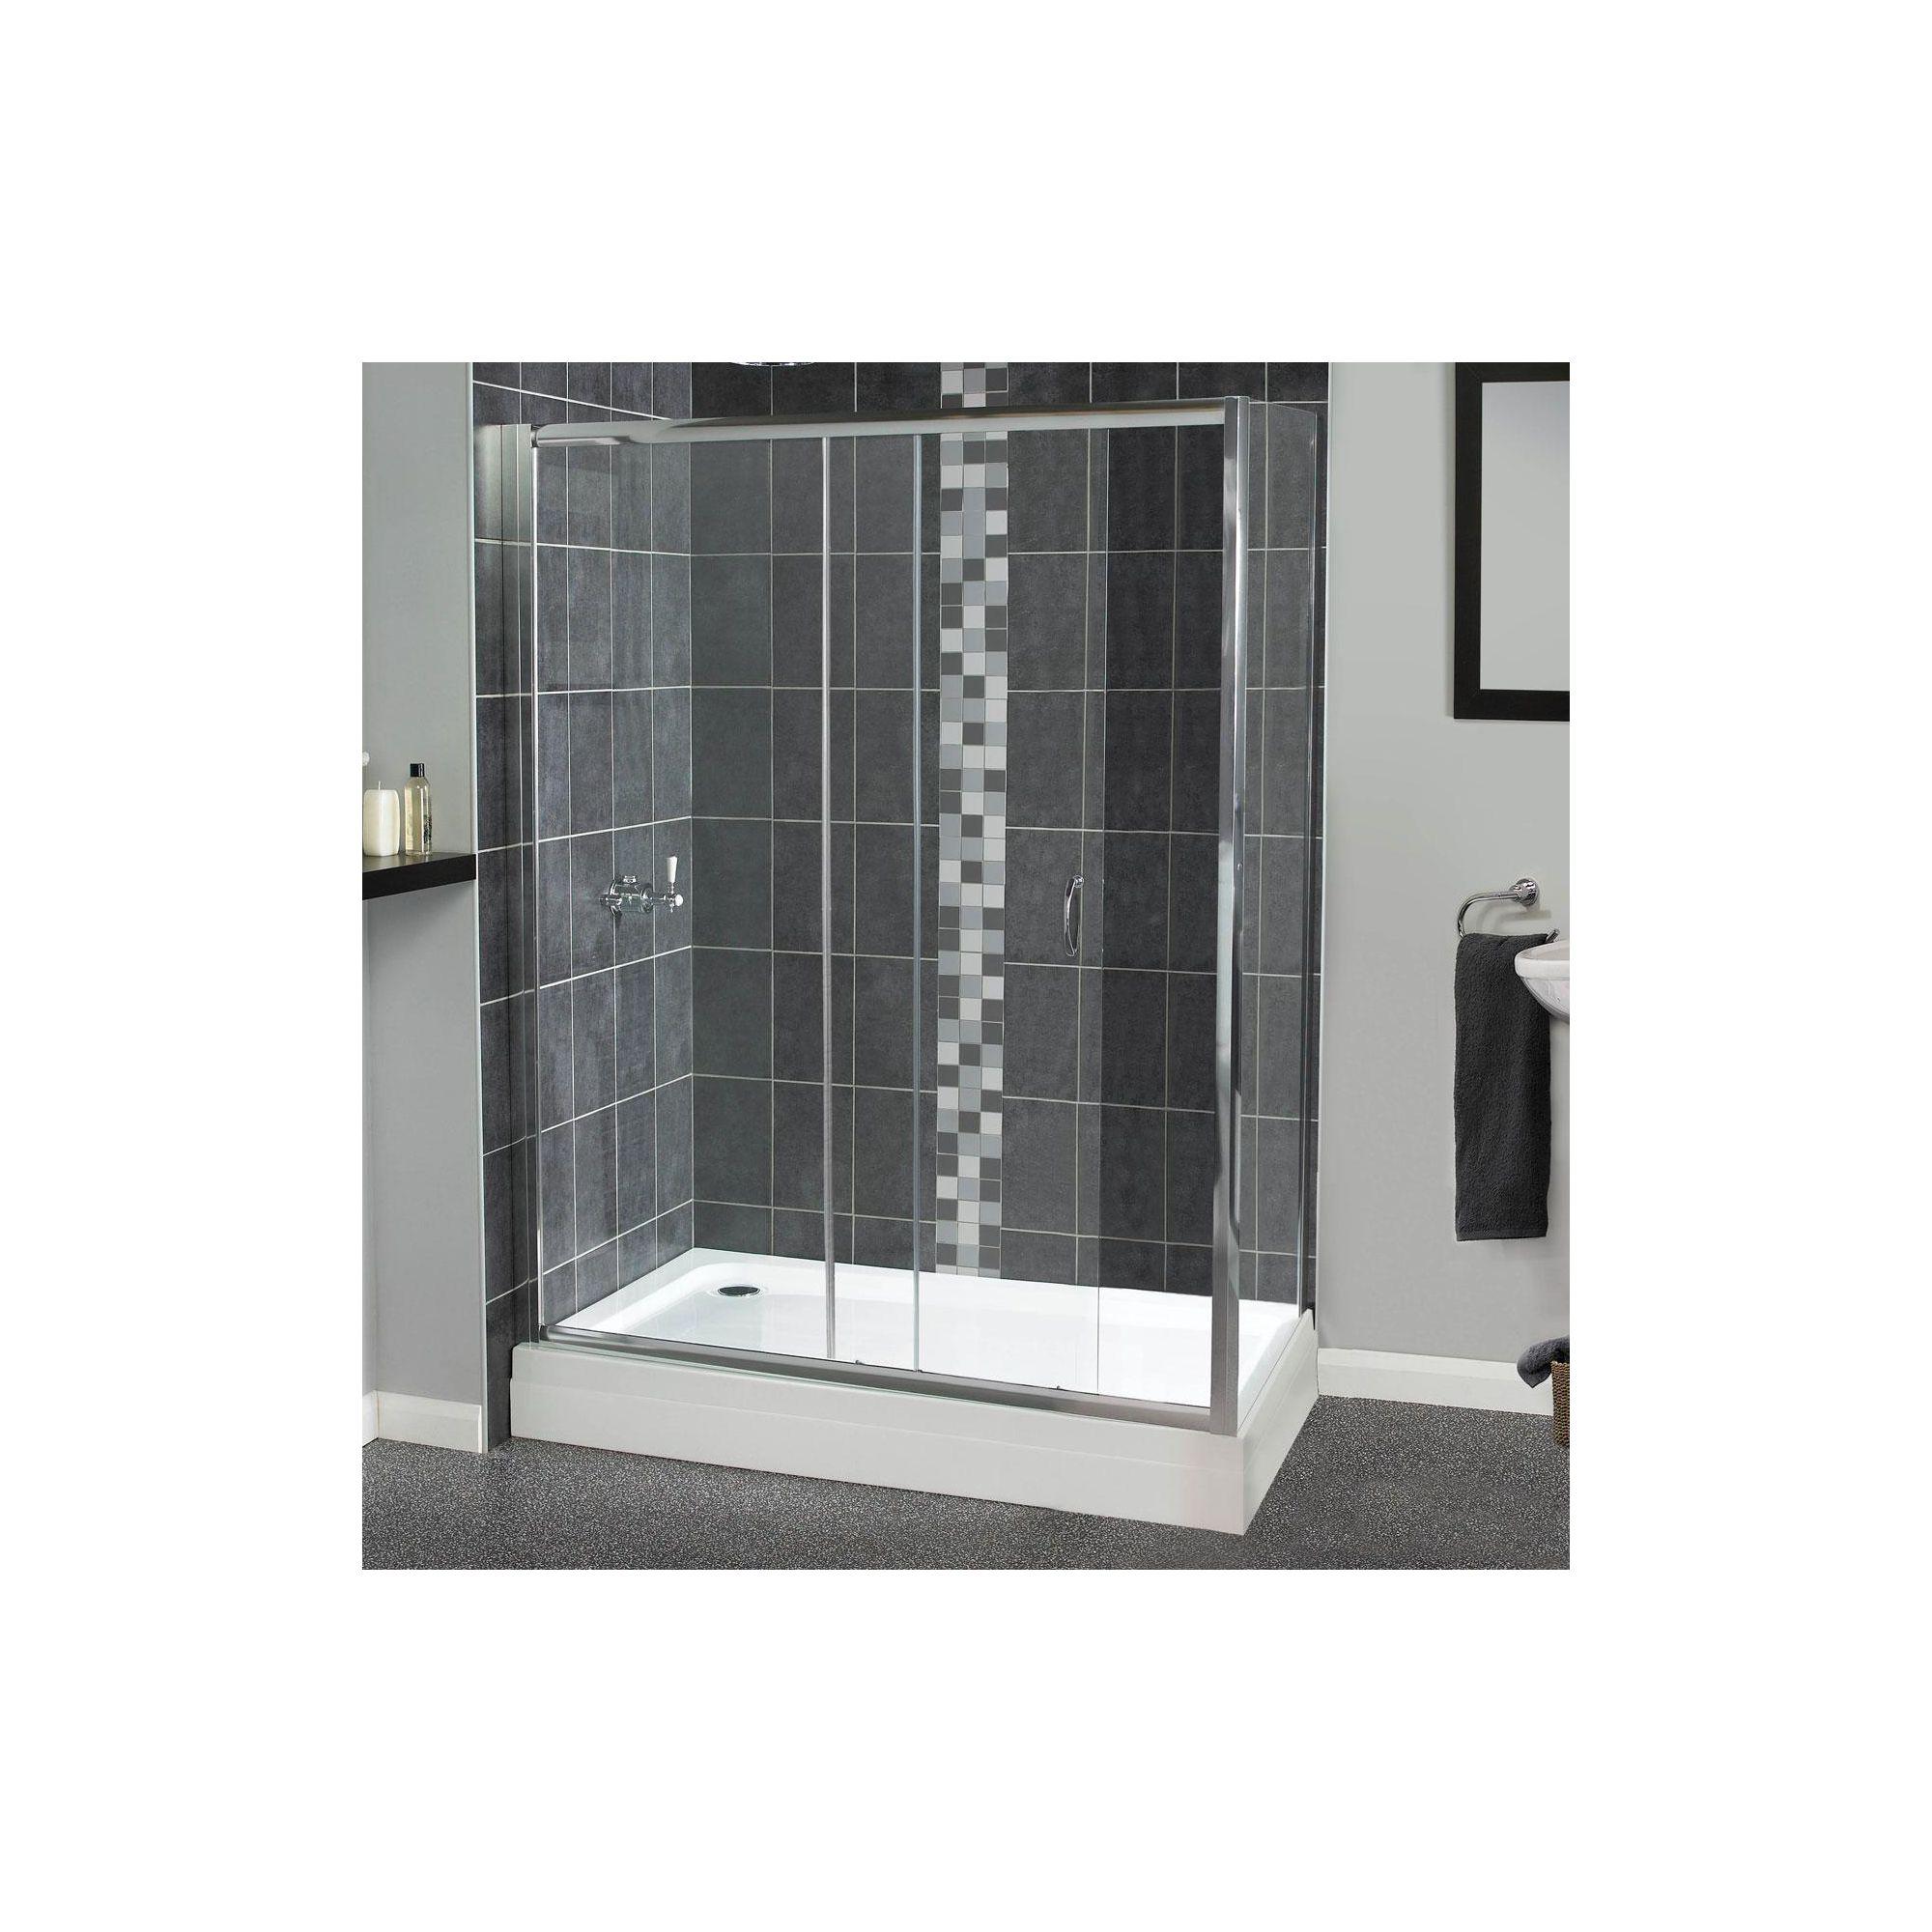 Aqualux Shine Sliding Shower Door, 1700mm Wide, Polished Silver Frame, 6mm Glass at Tesco Direct